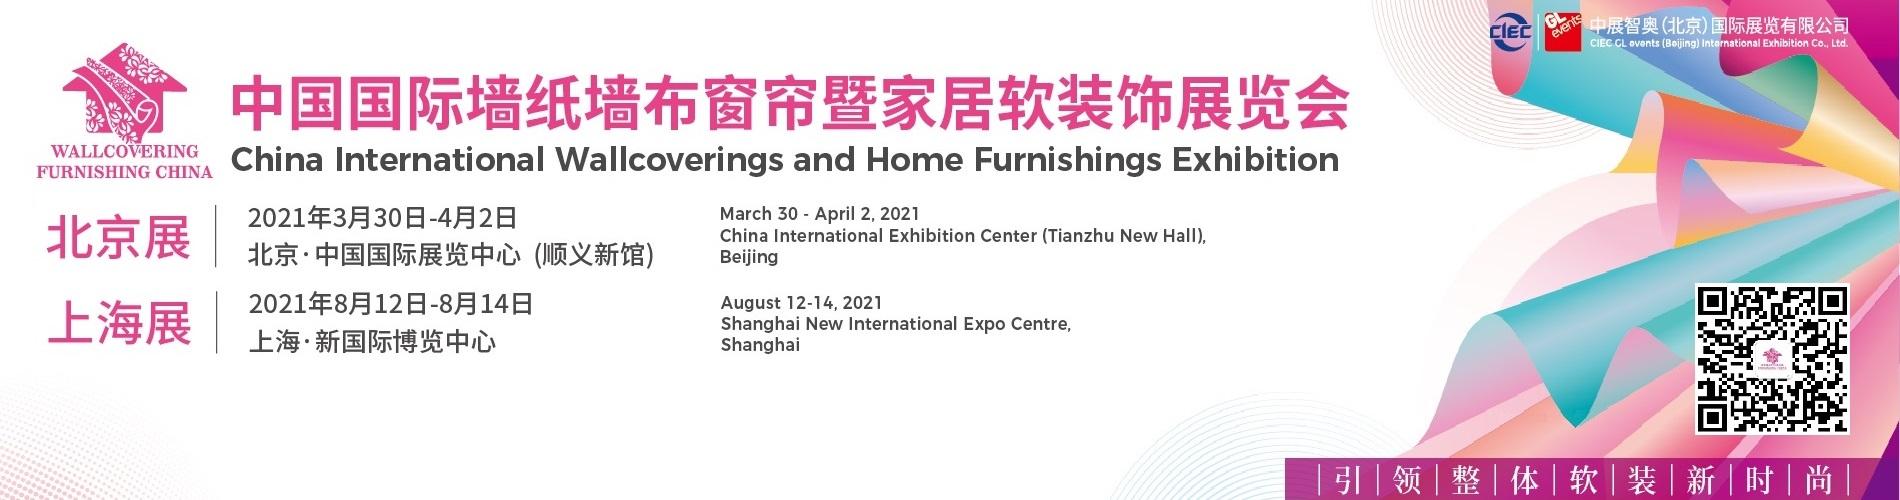 上海墙纸展-内页-2